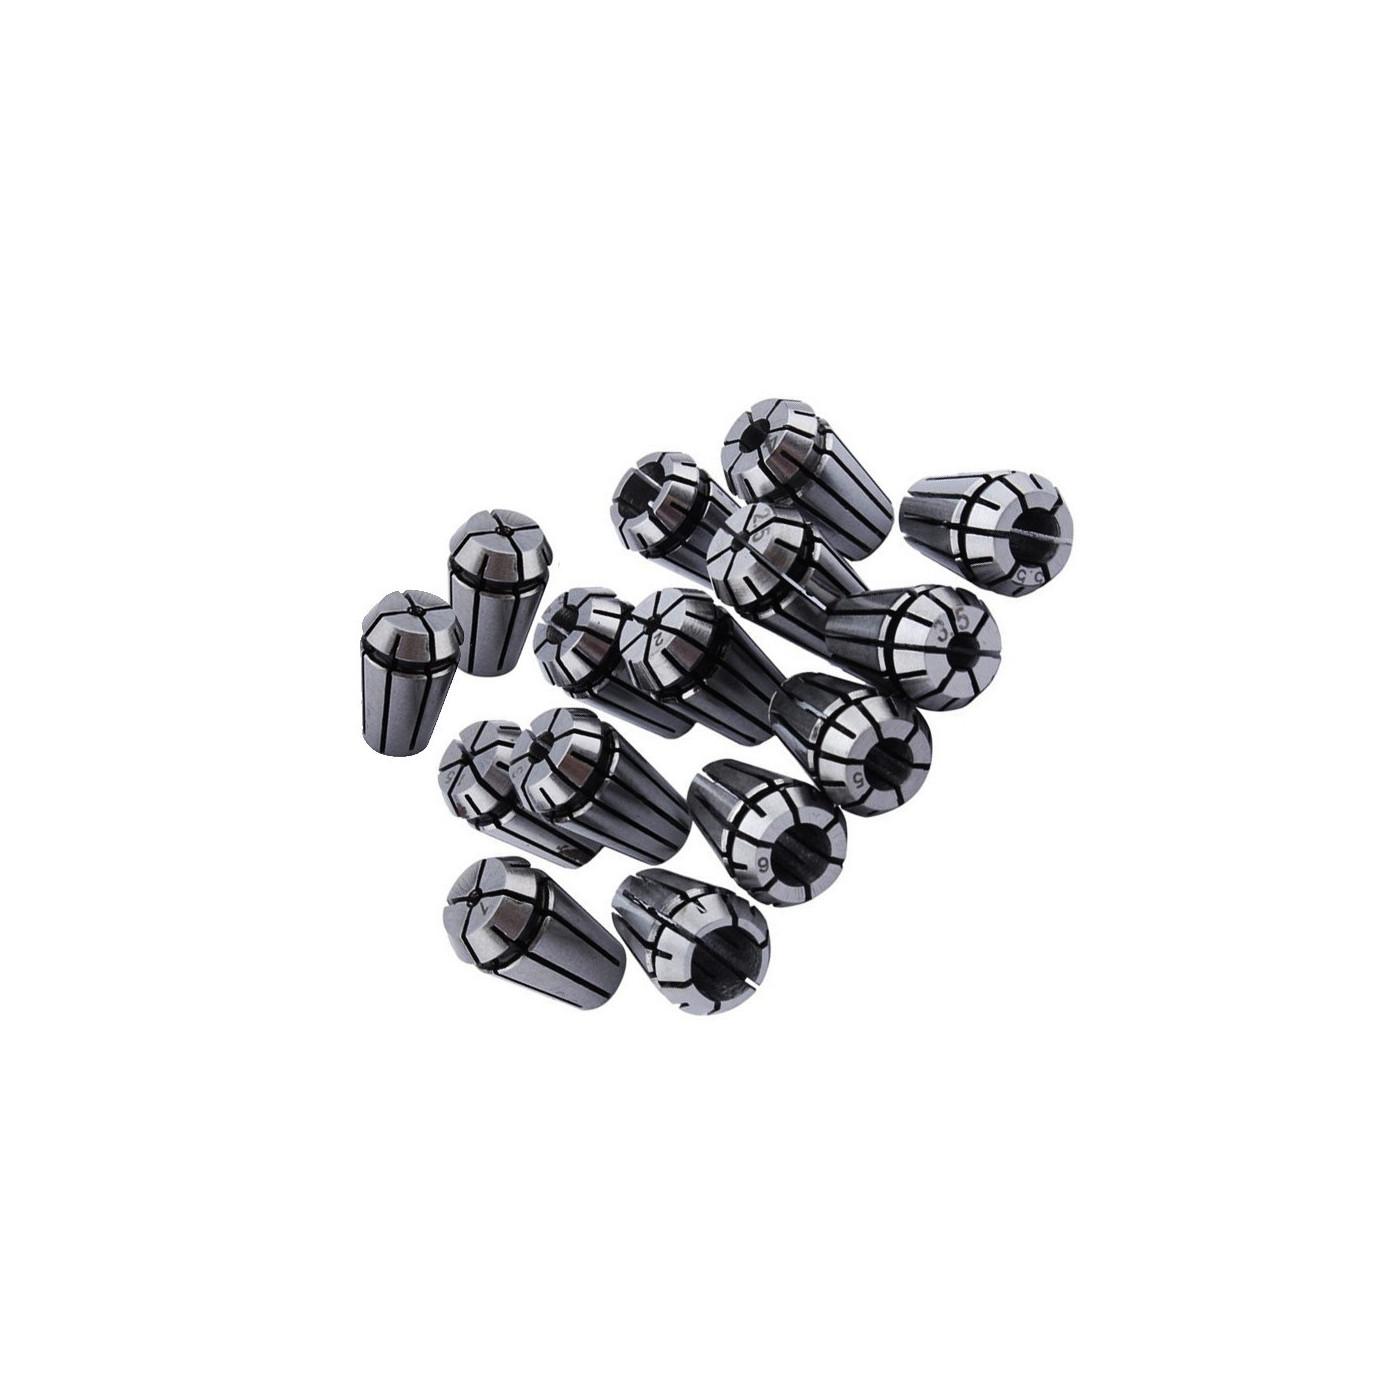 Set mandrins à pinces ER11 (15 pièces, 1-7 mm, y compris 1/8